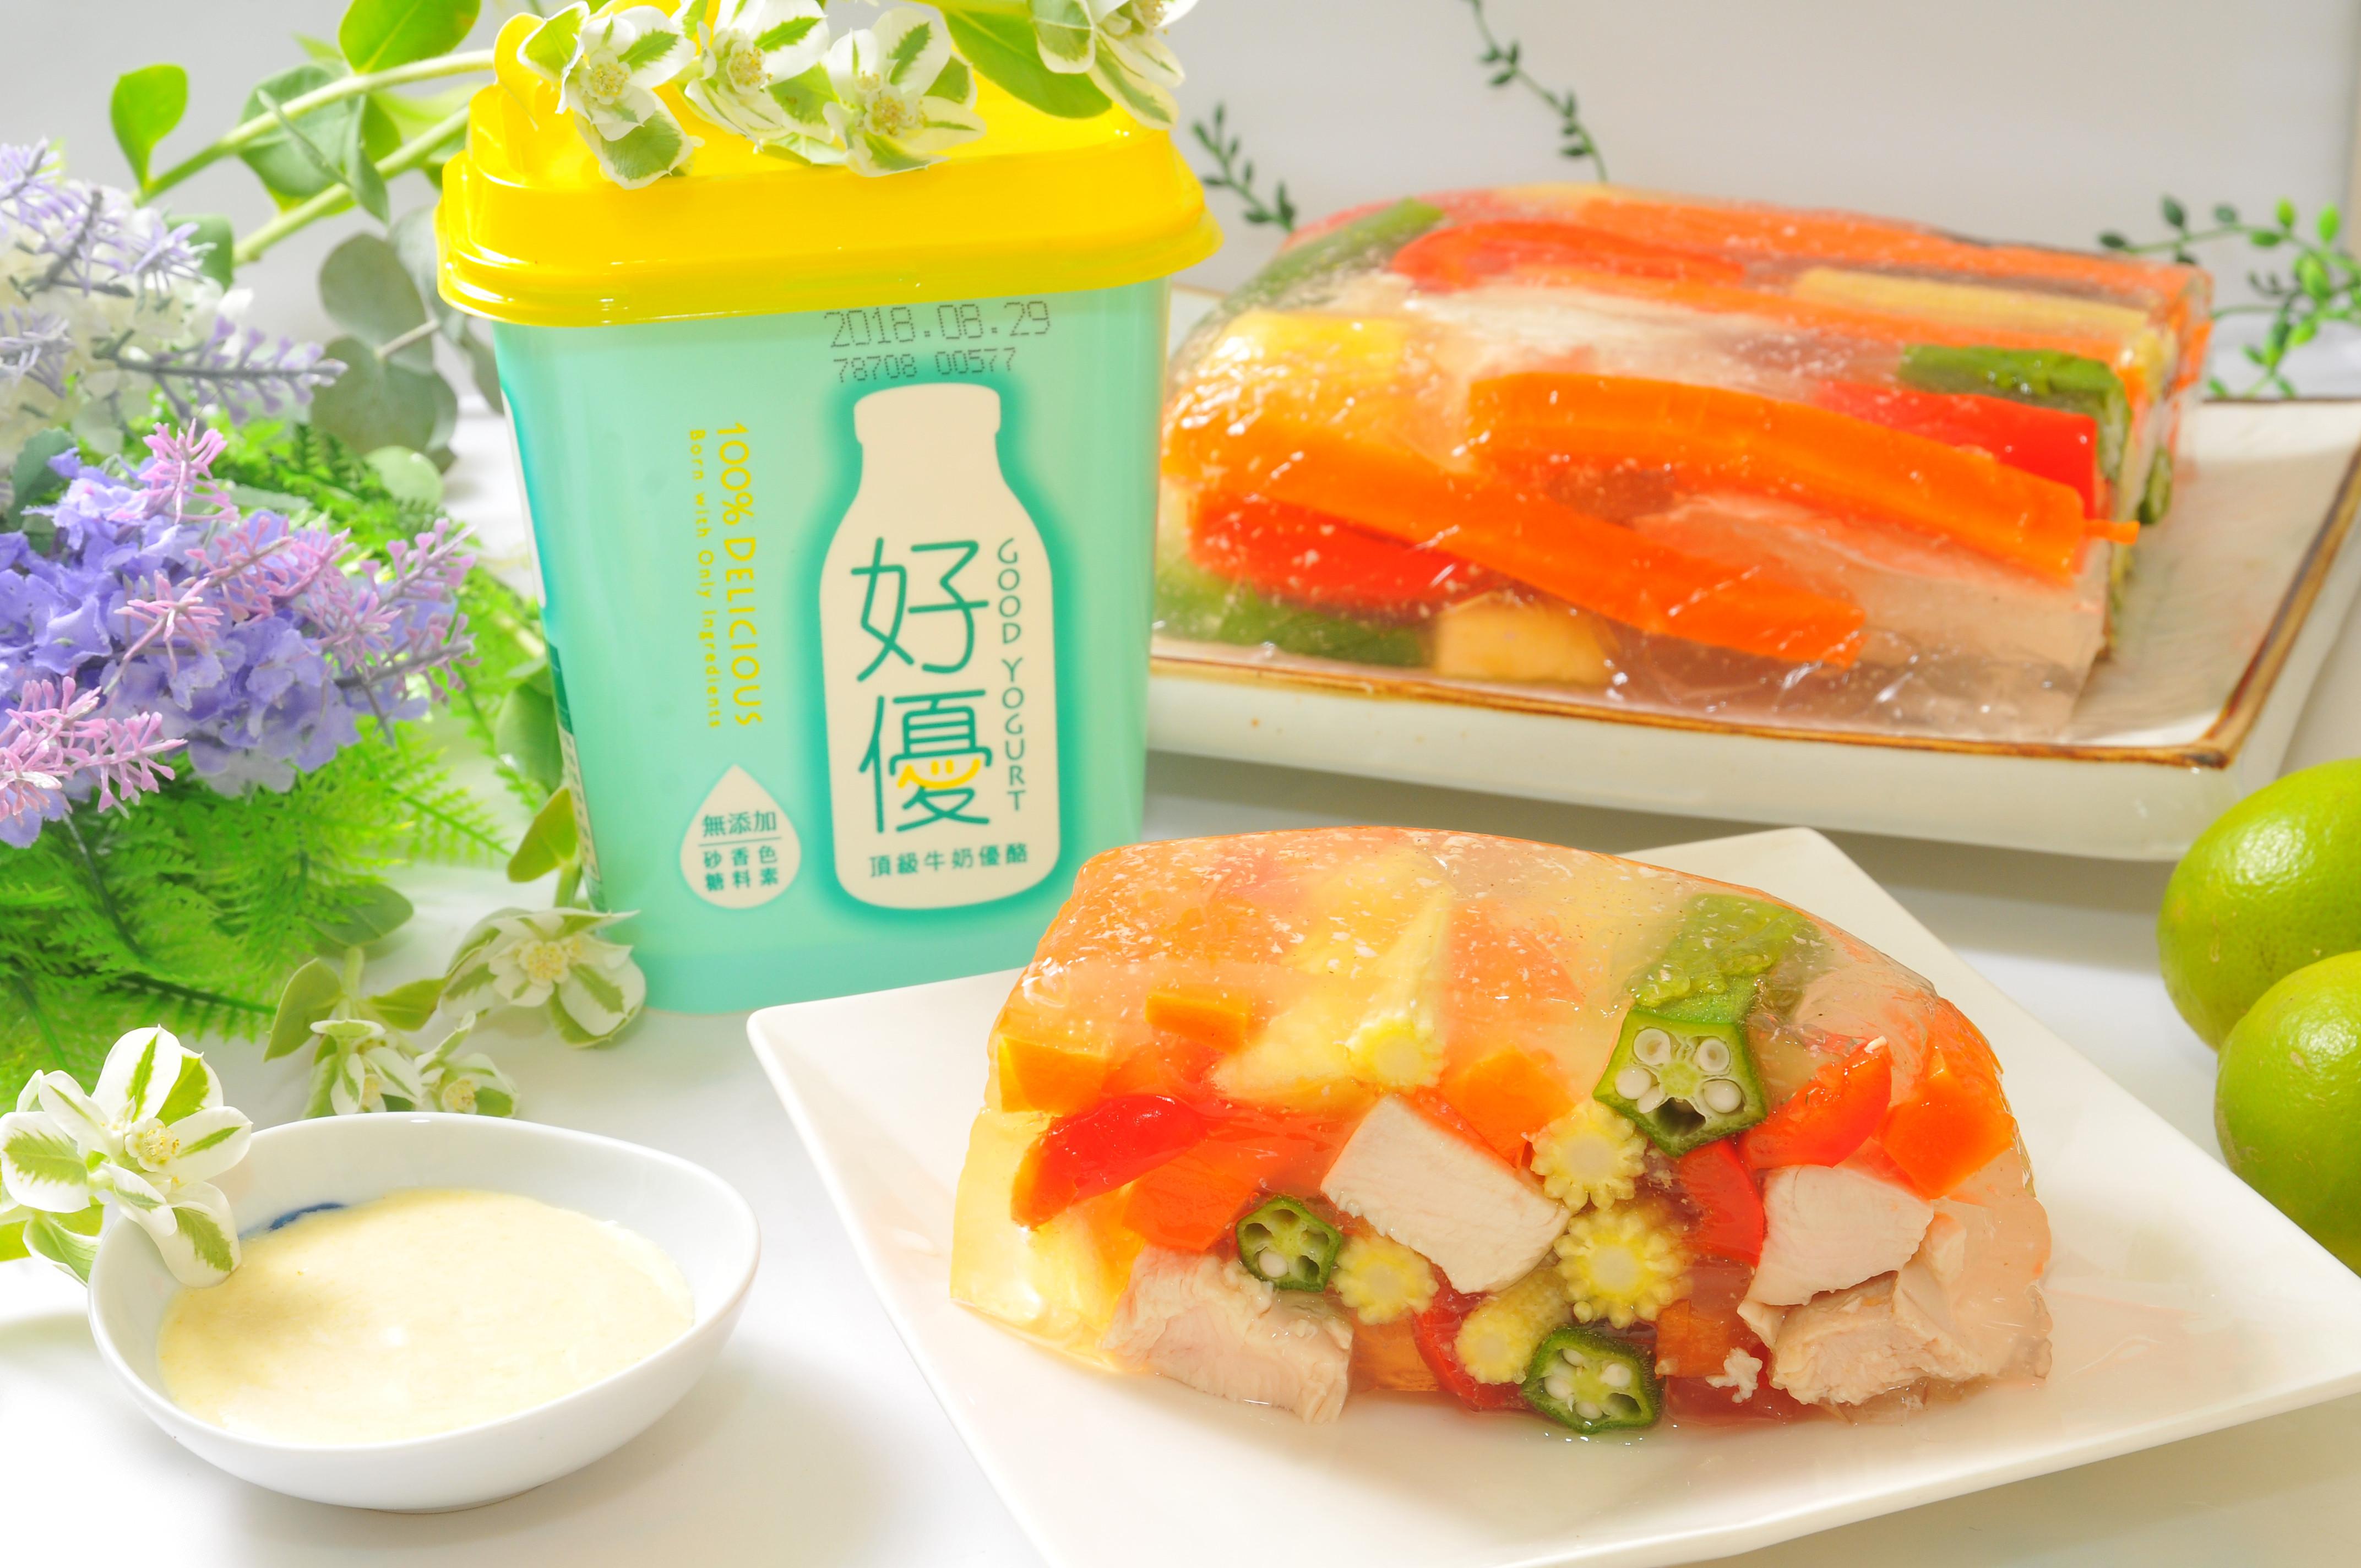 香雞五彩蔬菜凍